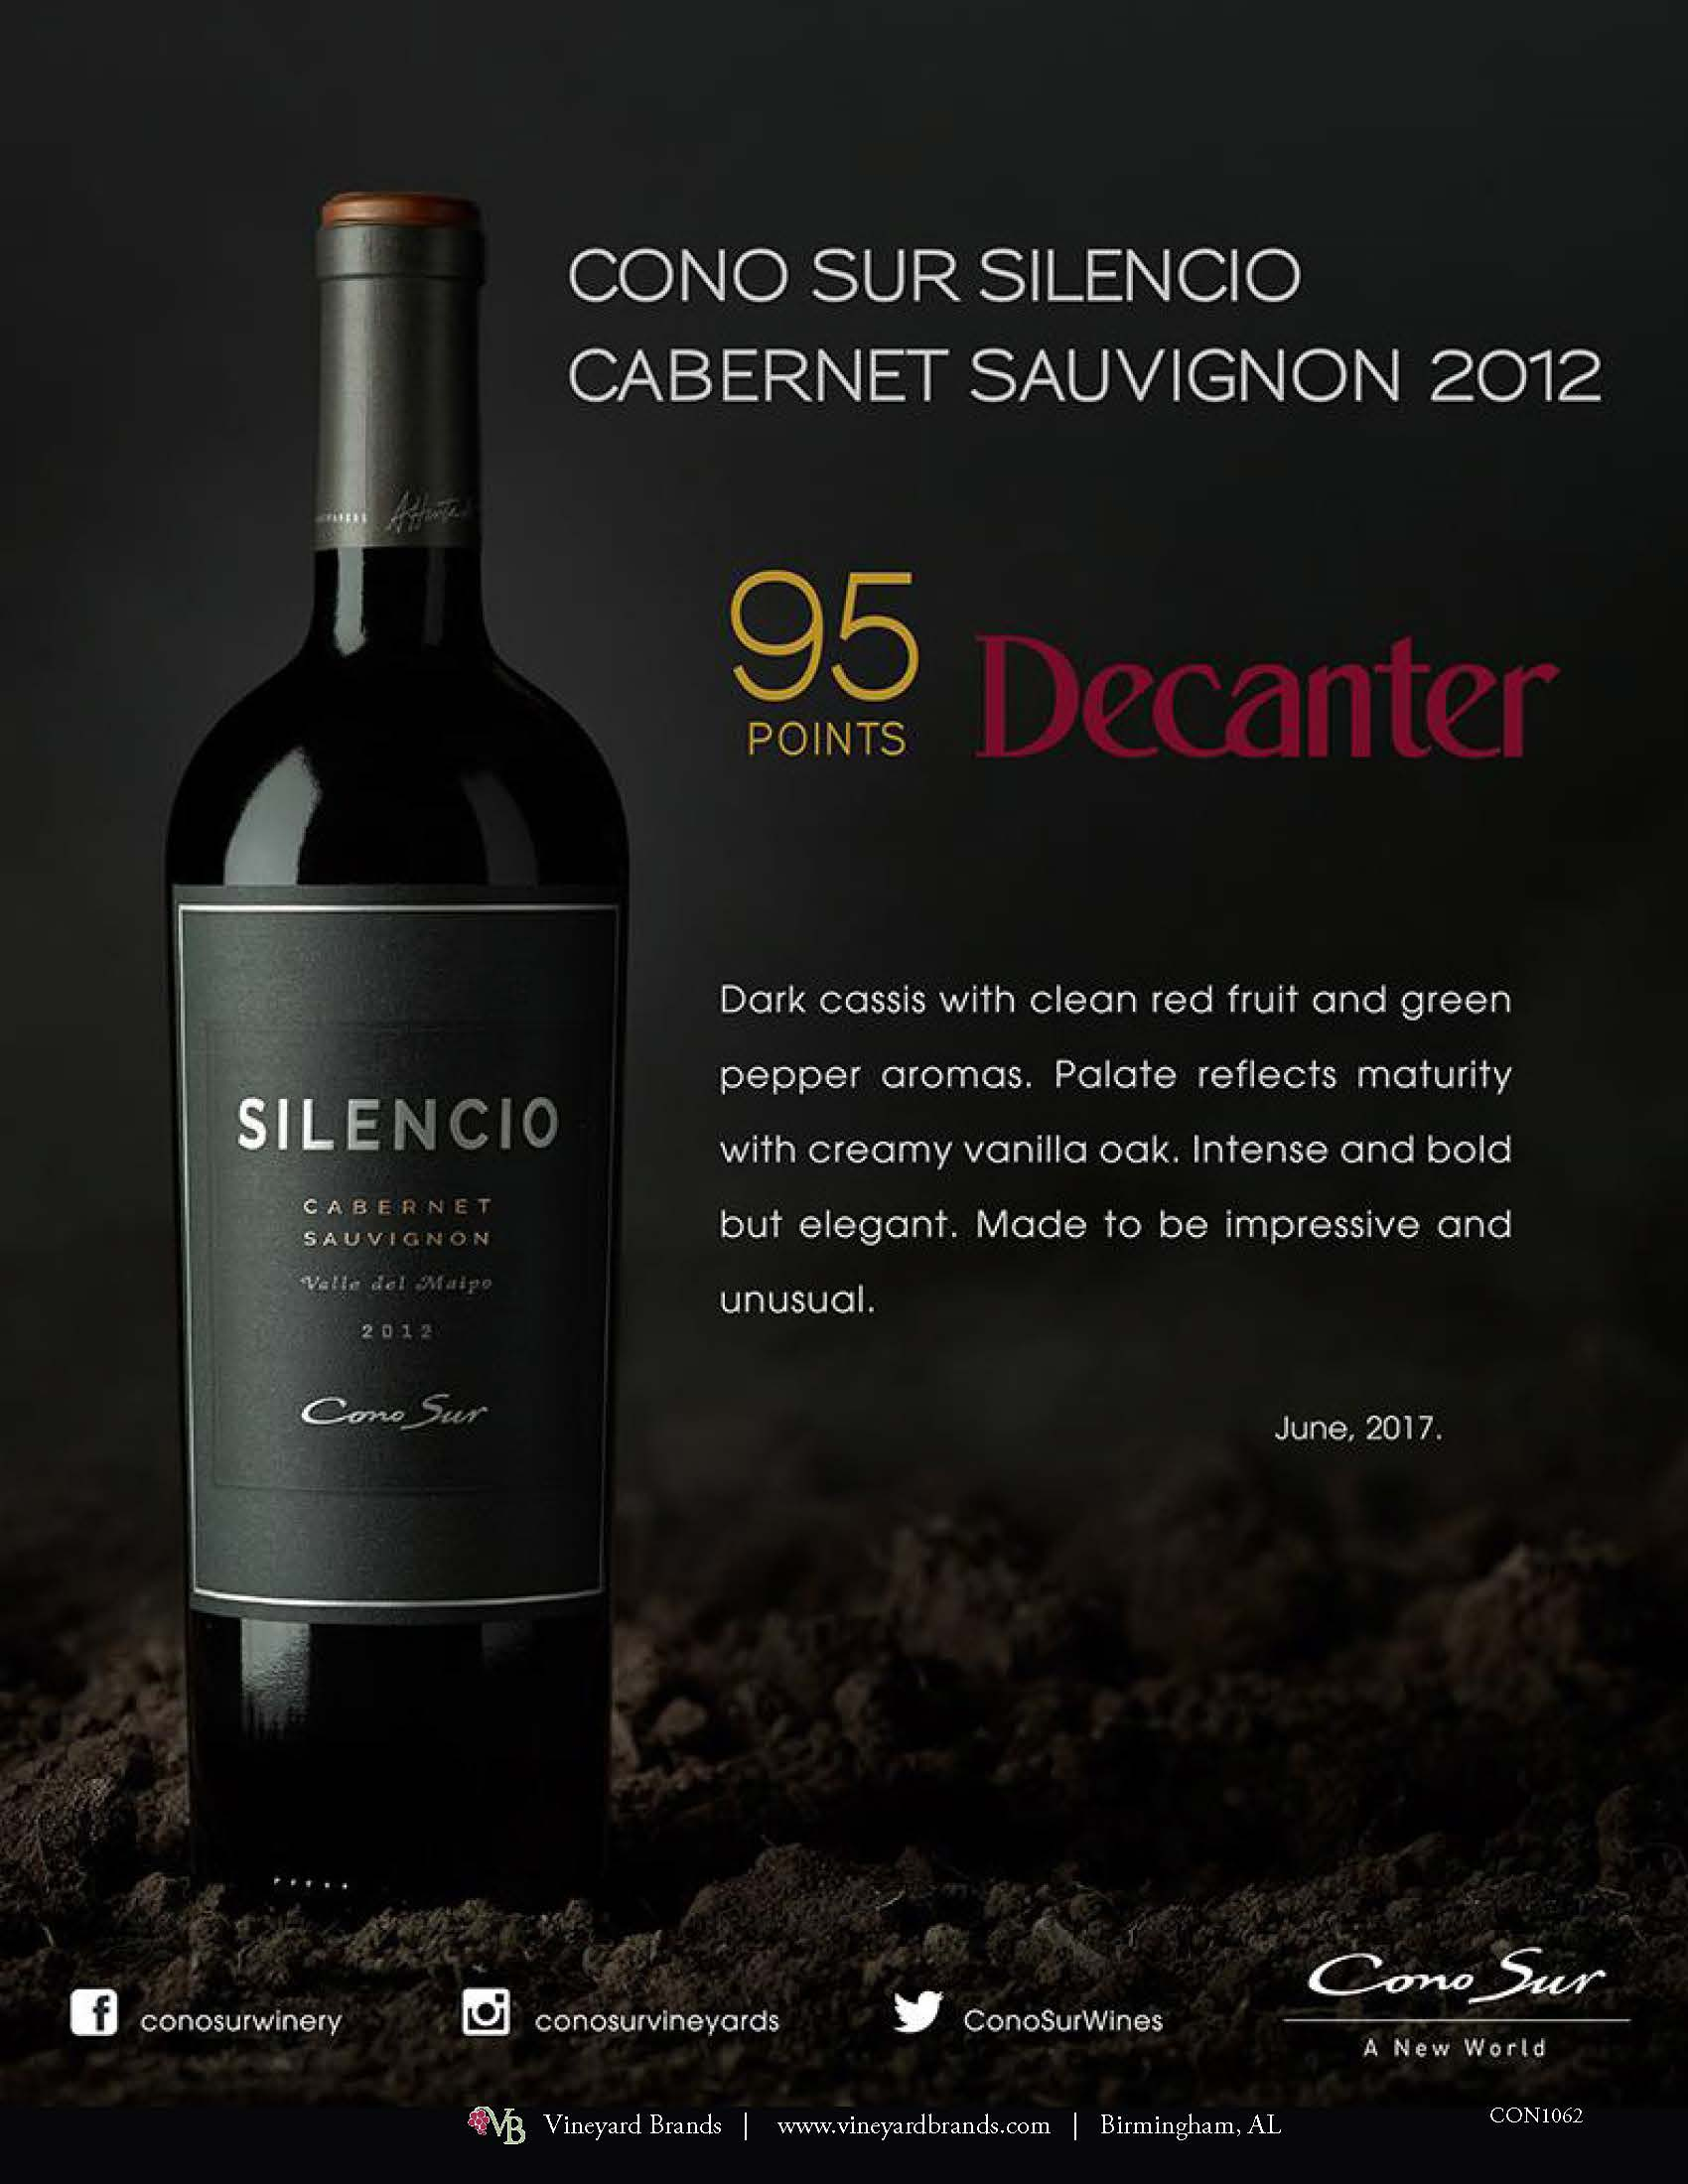 Cono Sur Silencio Cabernet Sauvignon 2012_Decanter.jpg